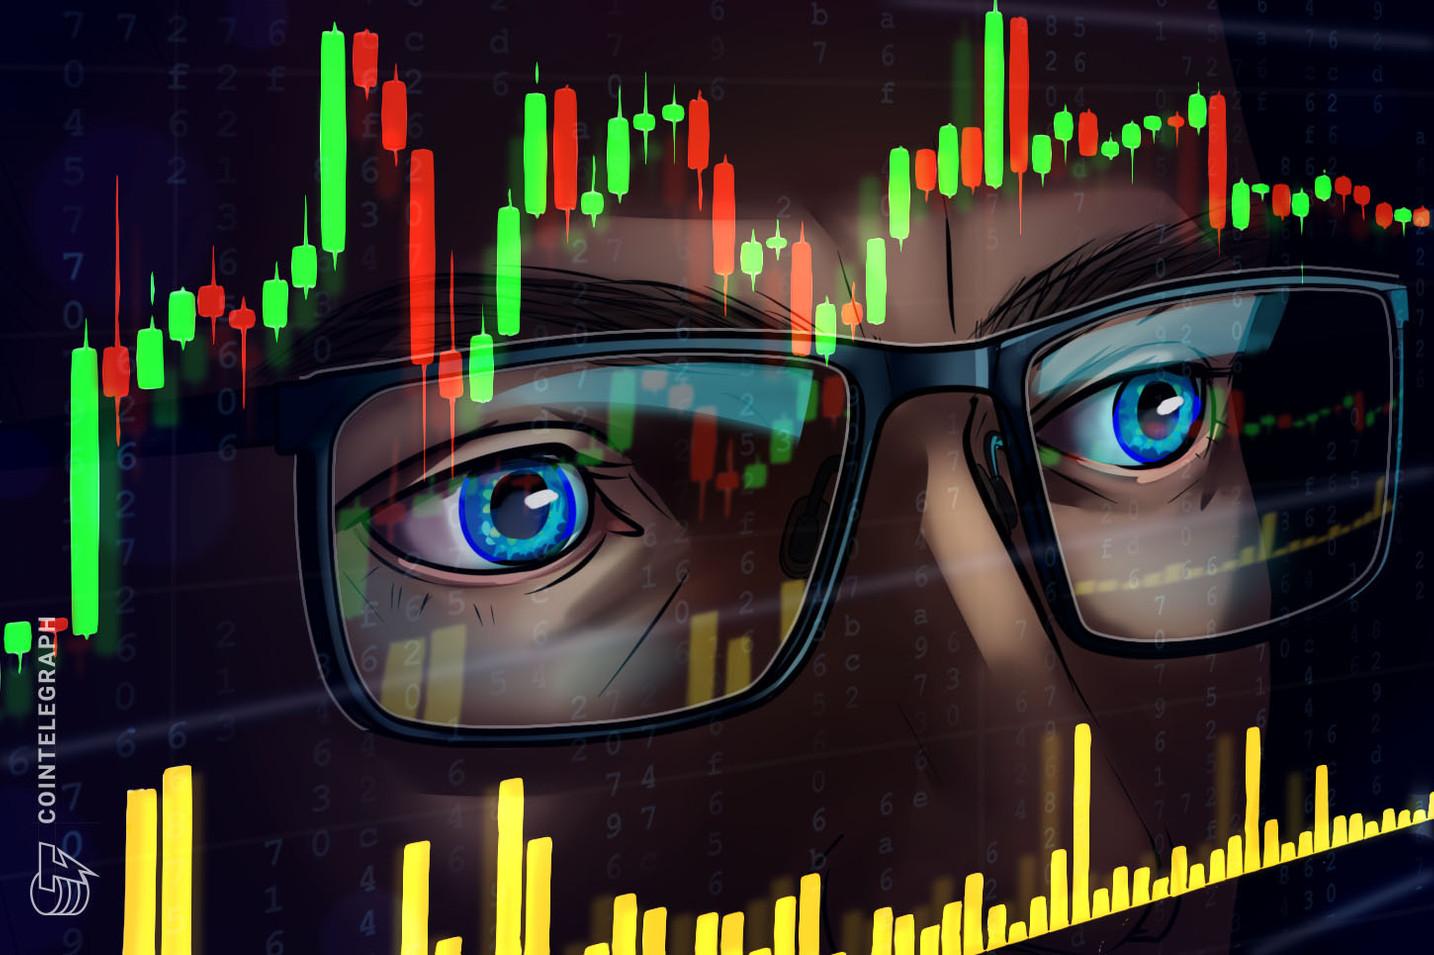 Analista: '90% di probabilità' che BTC non scenda mai più sotto gli 11.000$